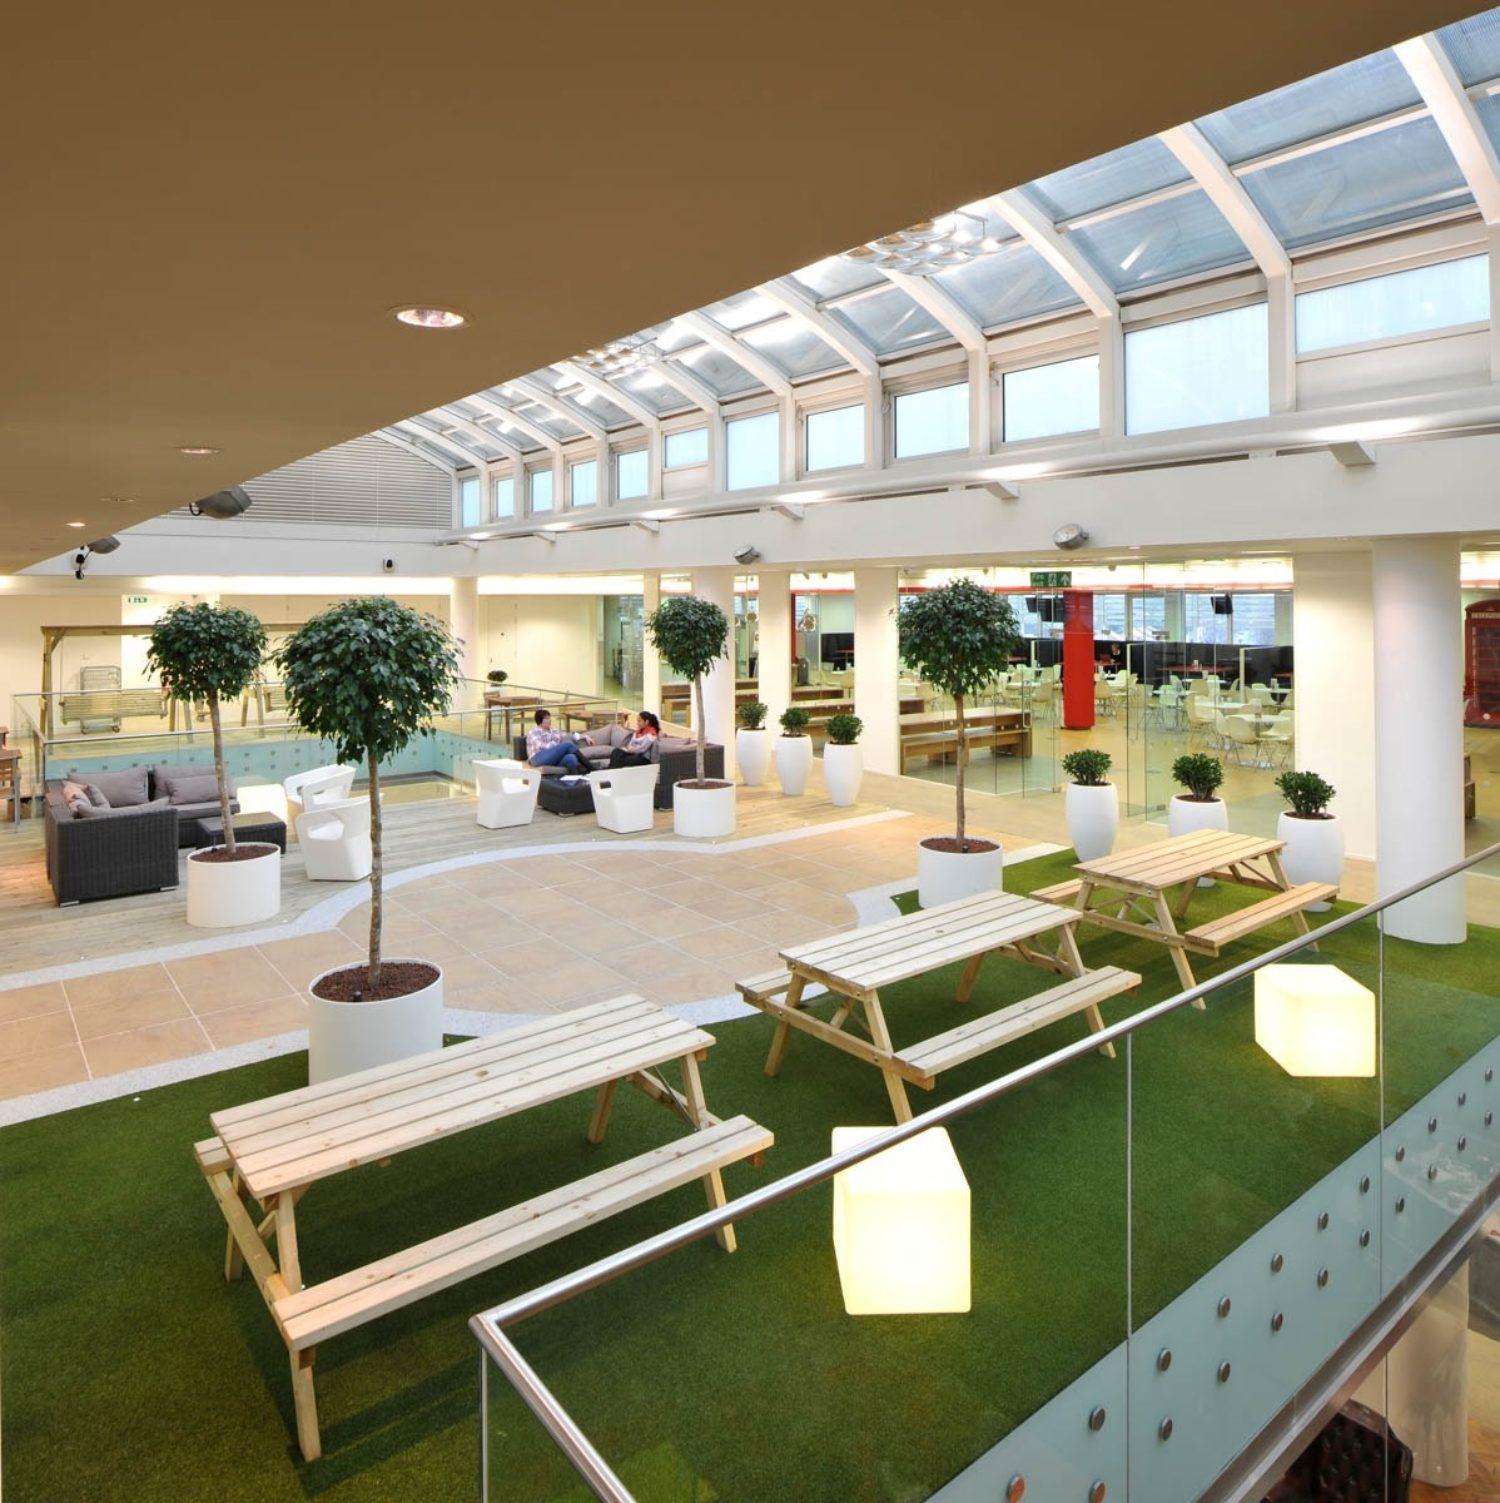 Rackspace communal area design idea